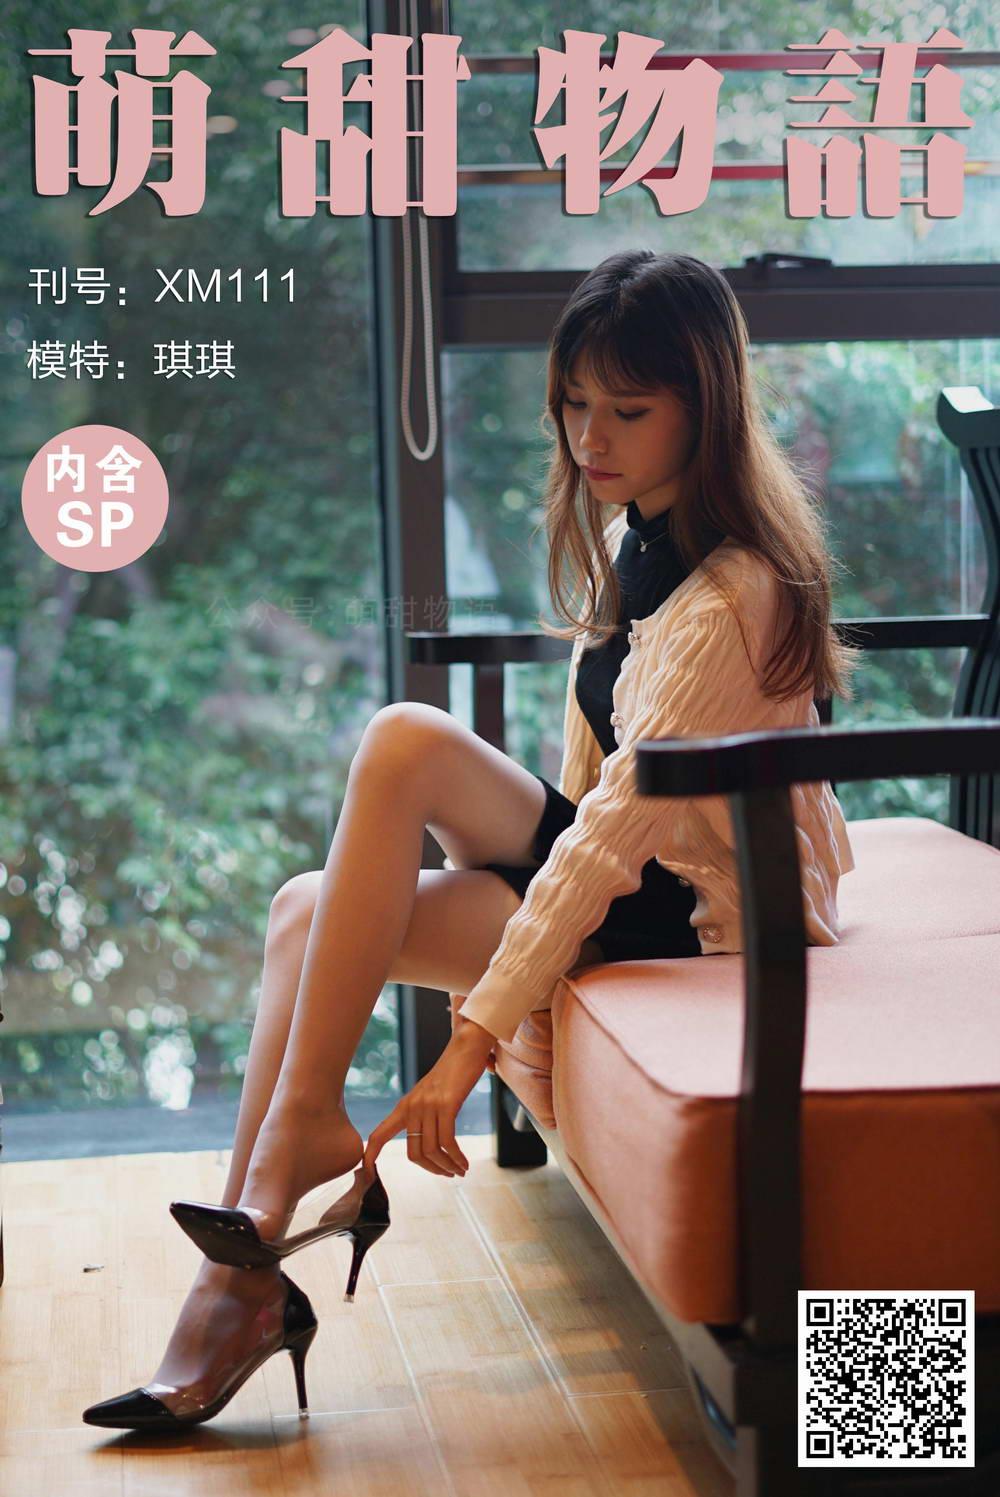 [萌甜物语]XM111《白色小披肩-琪琪》[/214MB]